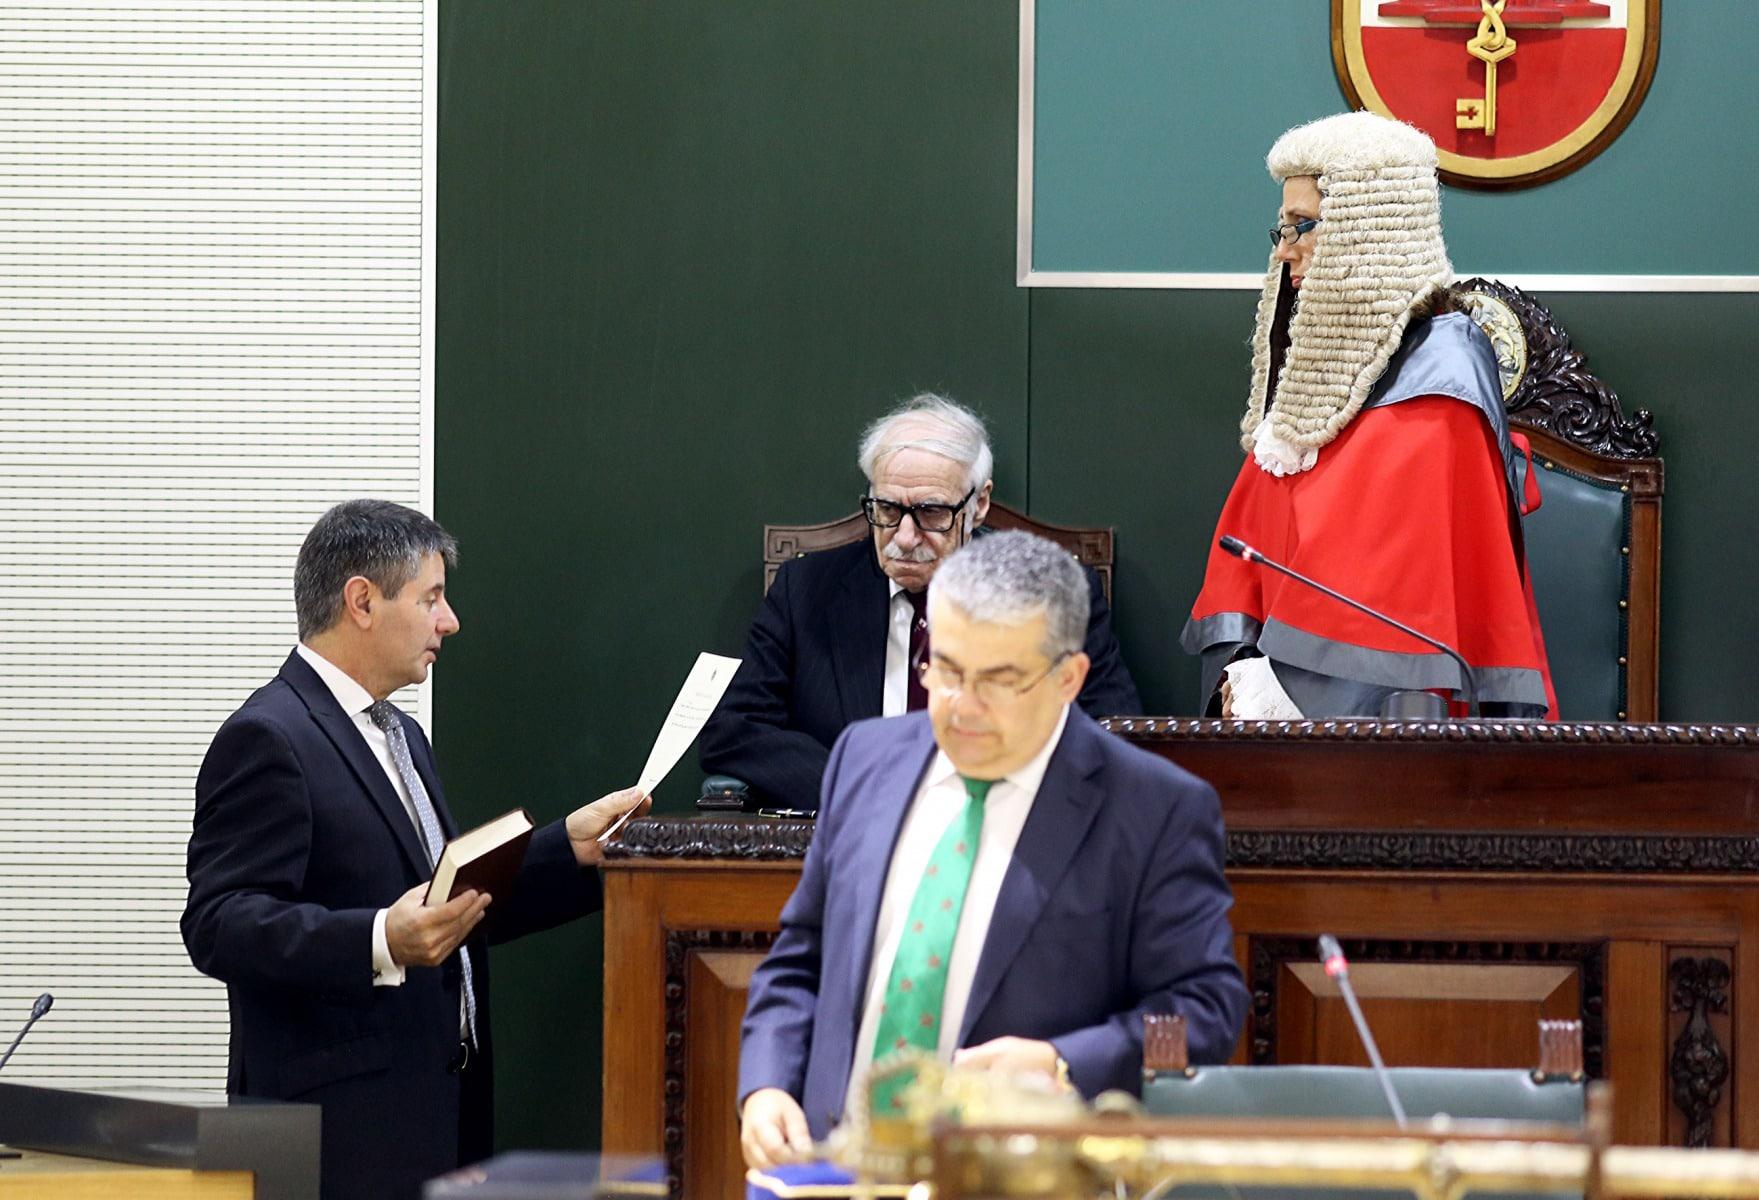 9-de-diciembre-de-2015-ceremonia-inaugural-del-nuevo-parlamento-de-gibraltar_23266258209_o